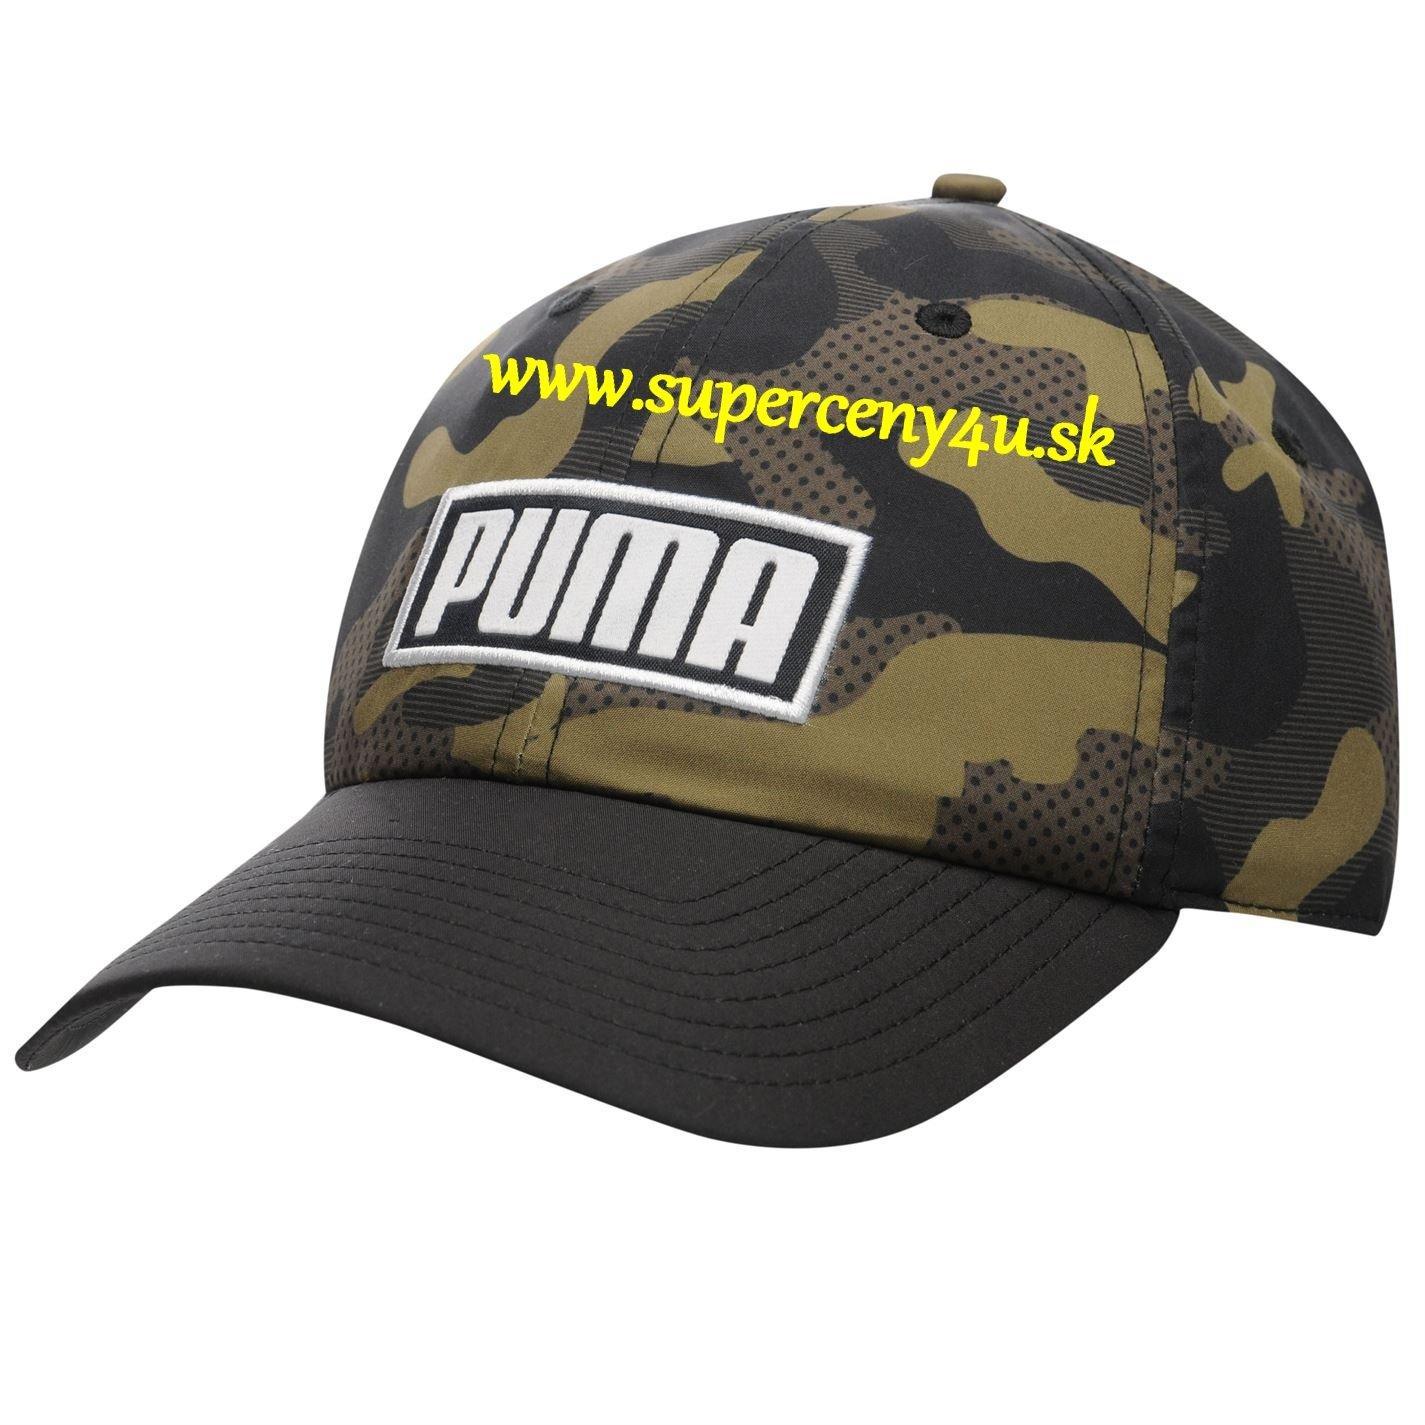 76a880ffe Puma pánska šiltovka, puma,l / m / s / xl / xxl - 19,90 € od predávajúcej  superceny4u | Detský bazár | ModryKonik.sk